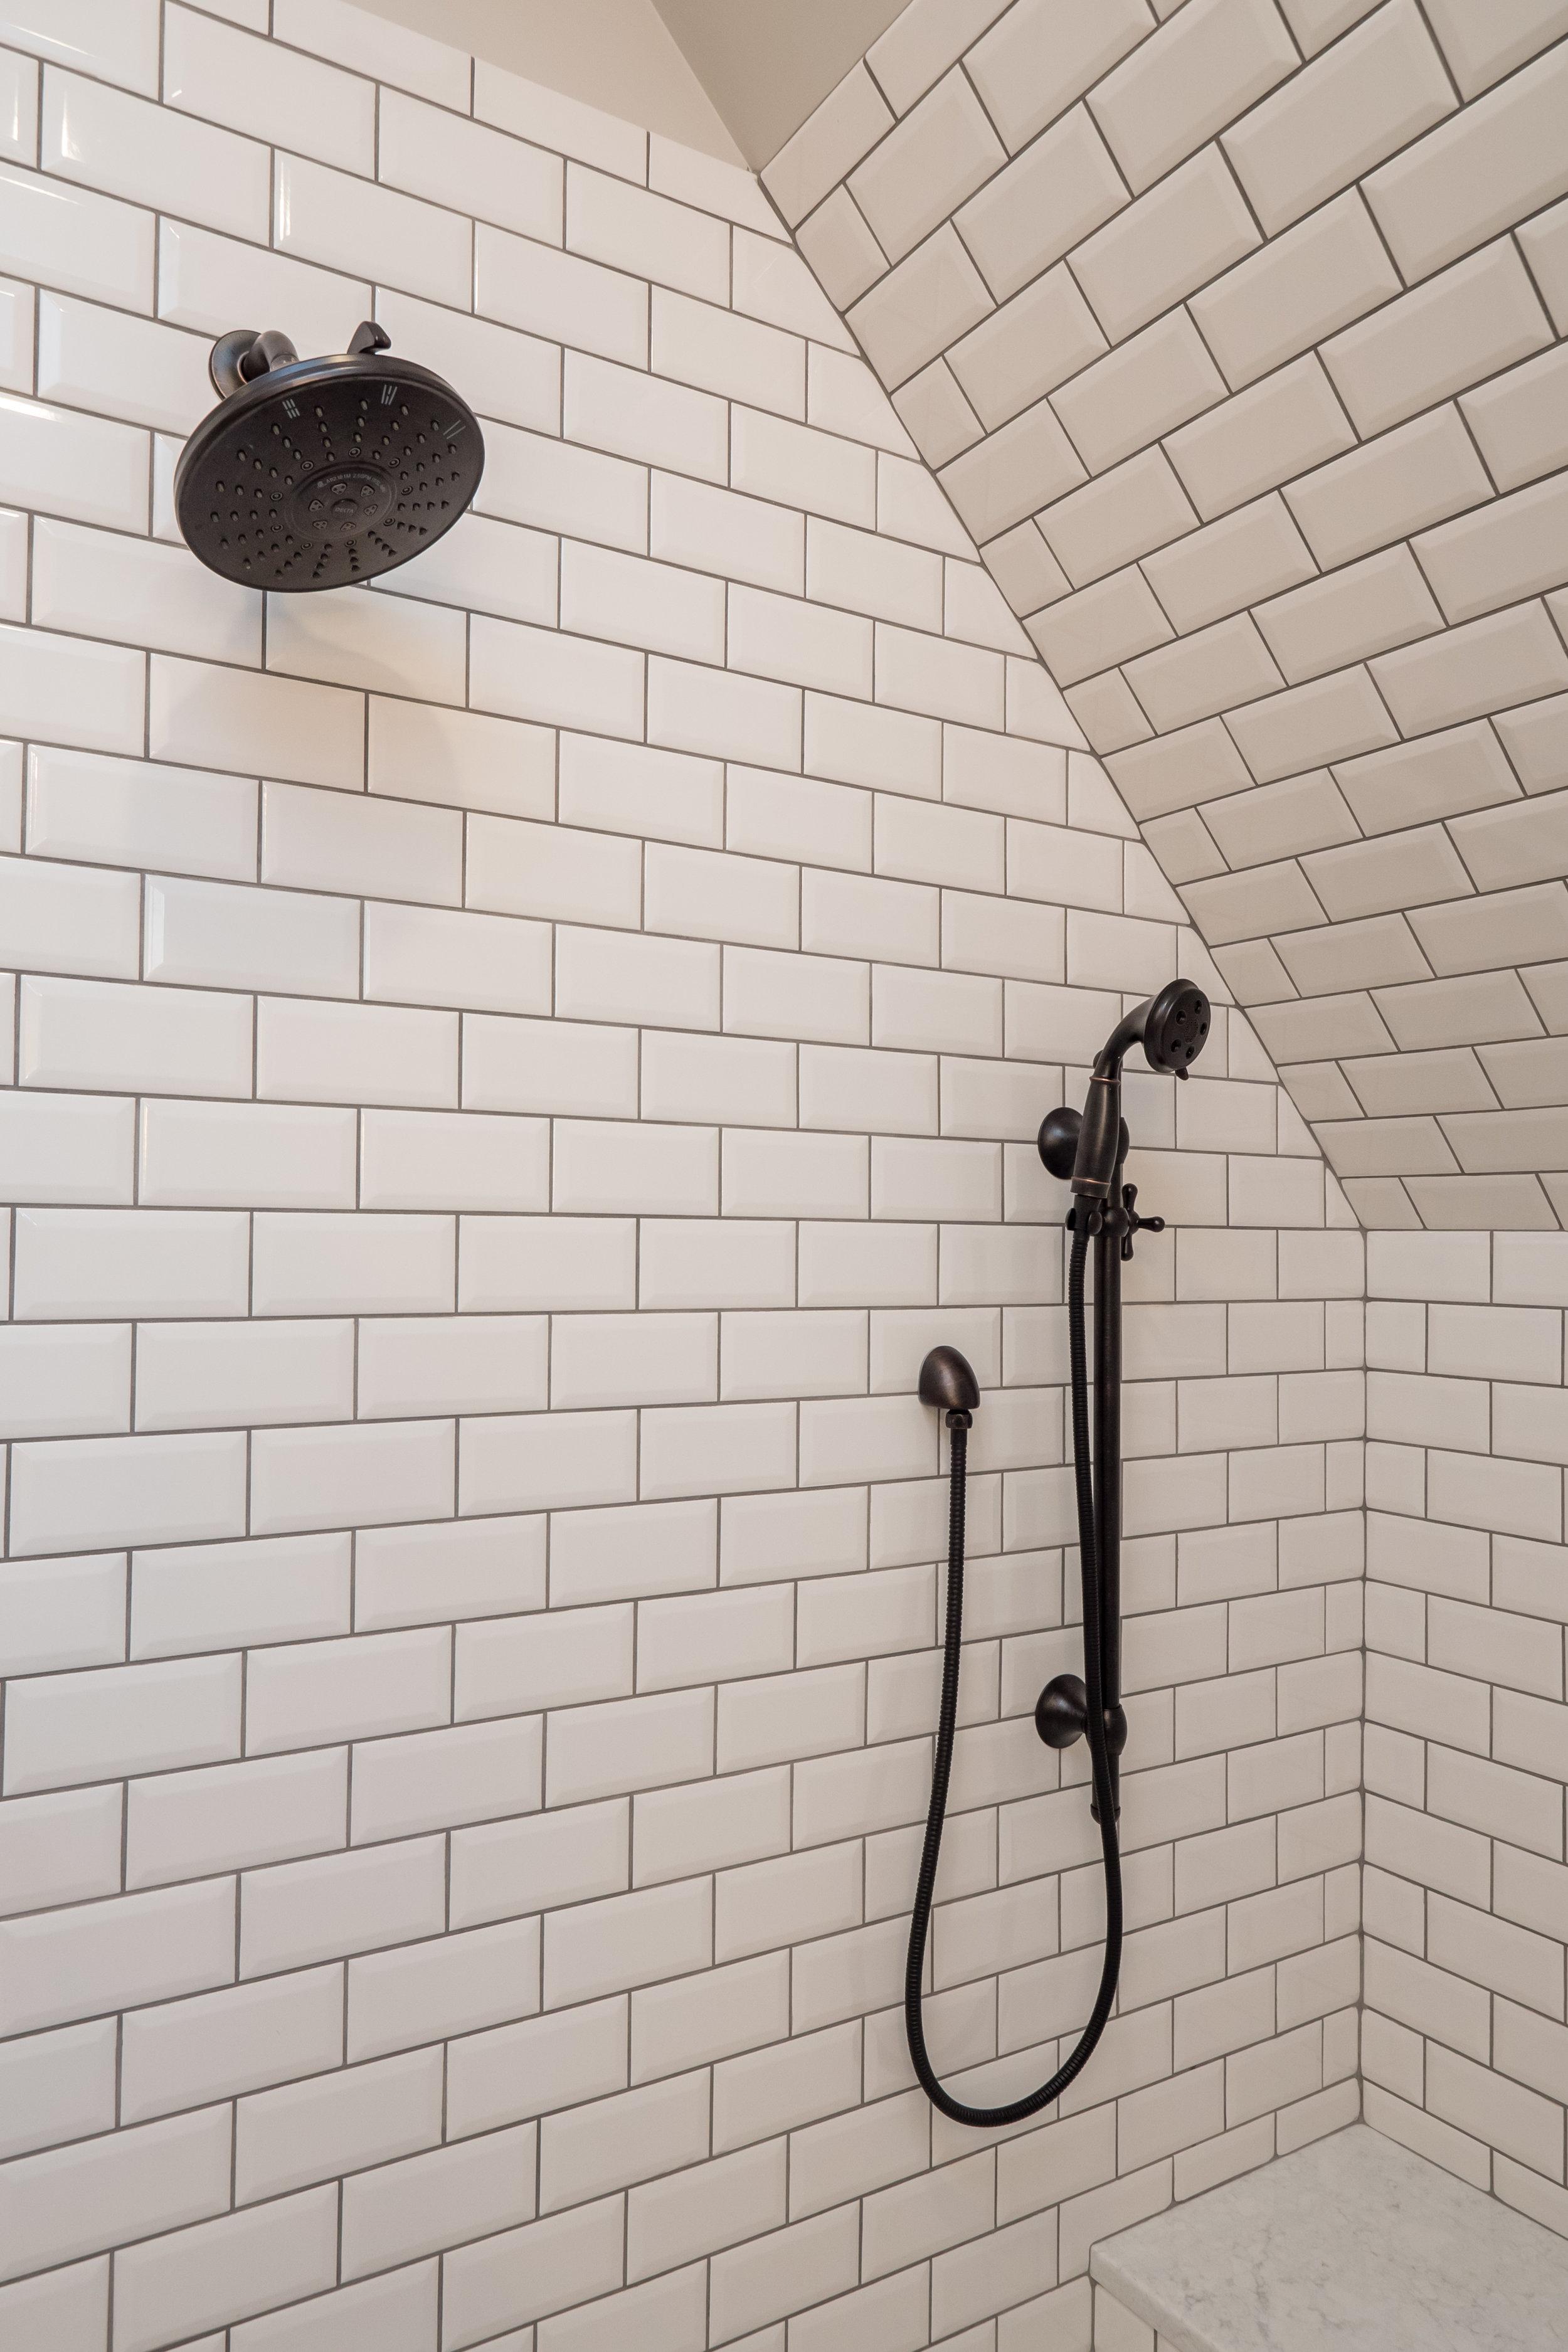 classy bathroom remodel + chesapeake + shower fixtures + white tile + benson Homes.jpg